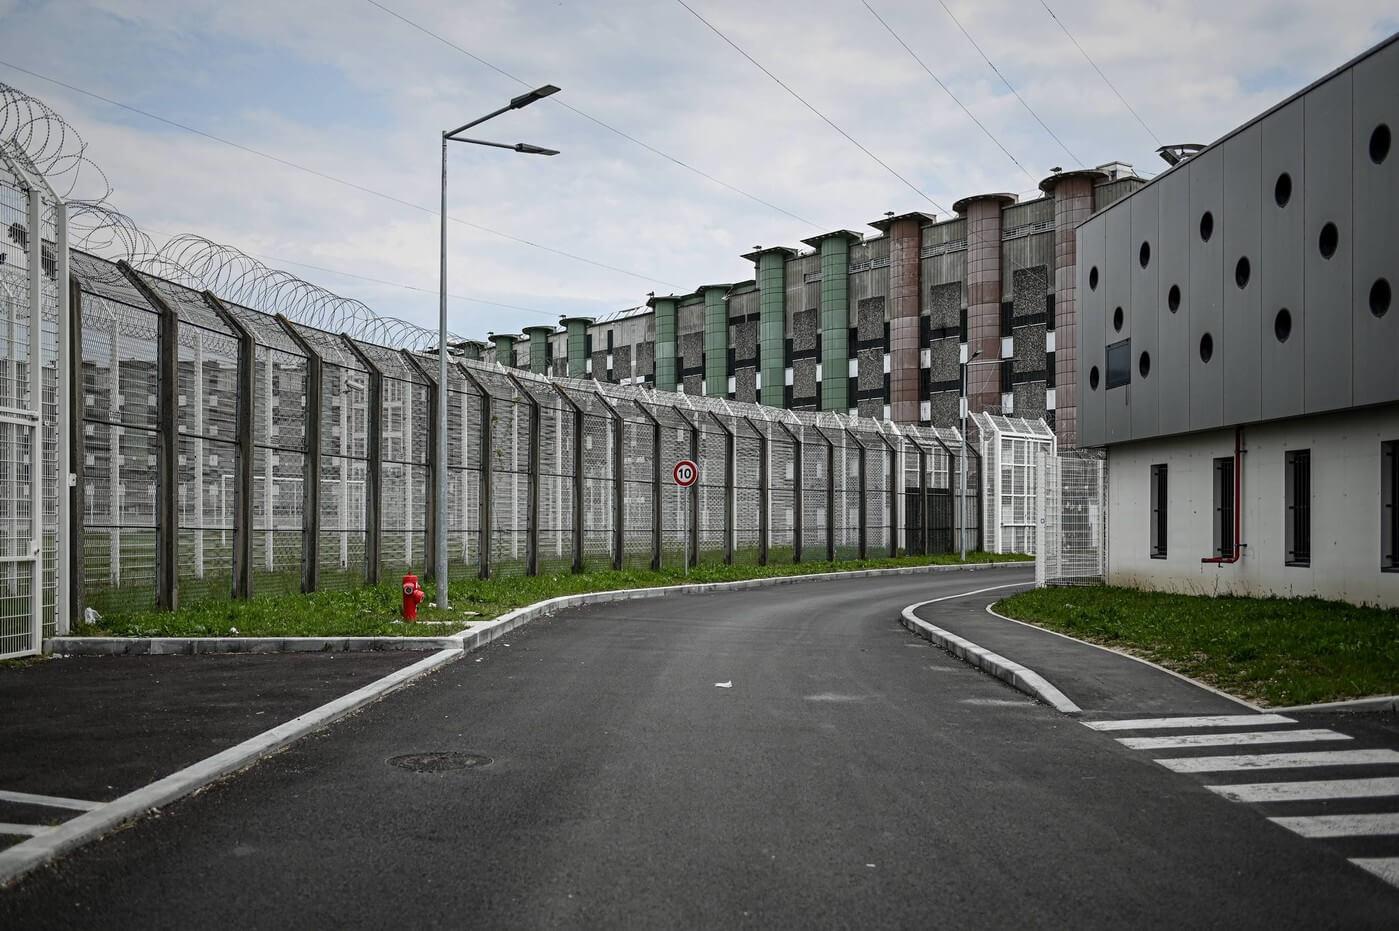 État d'urgence sanitaire et prison